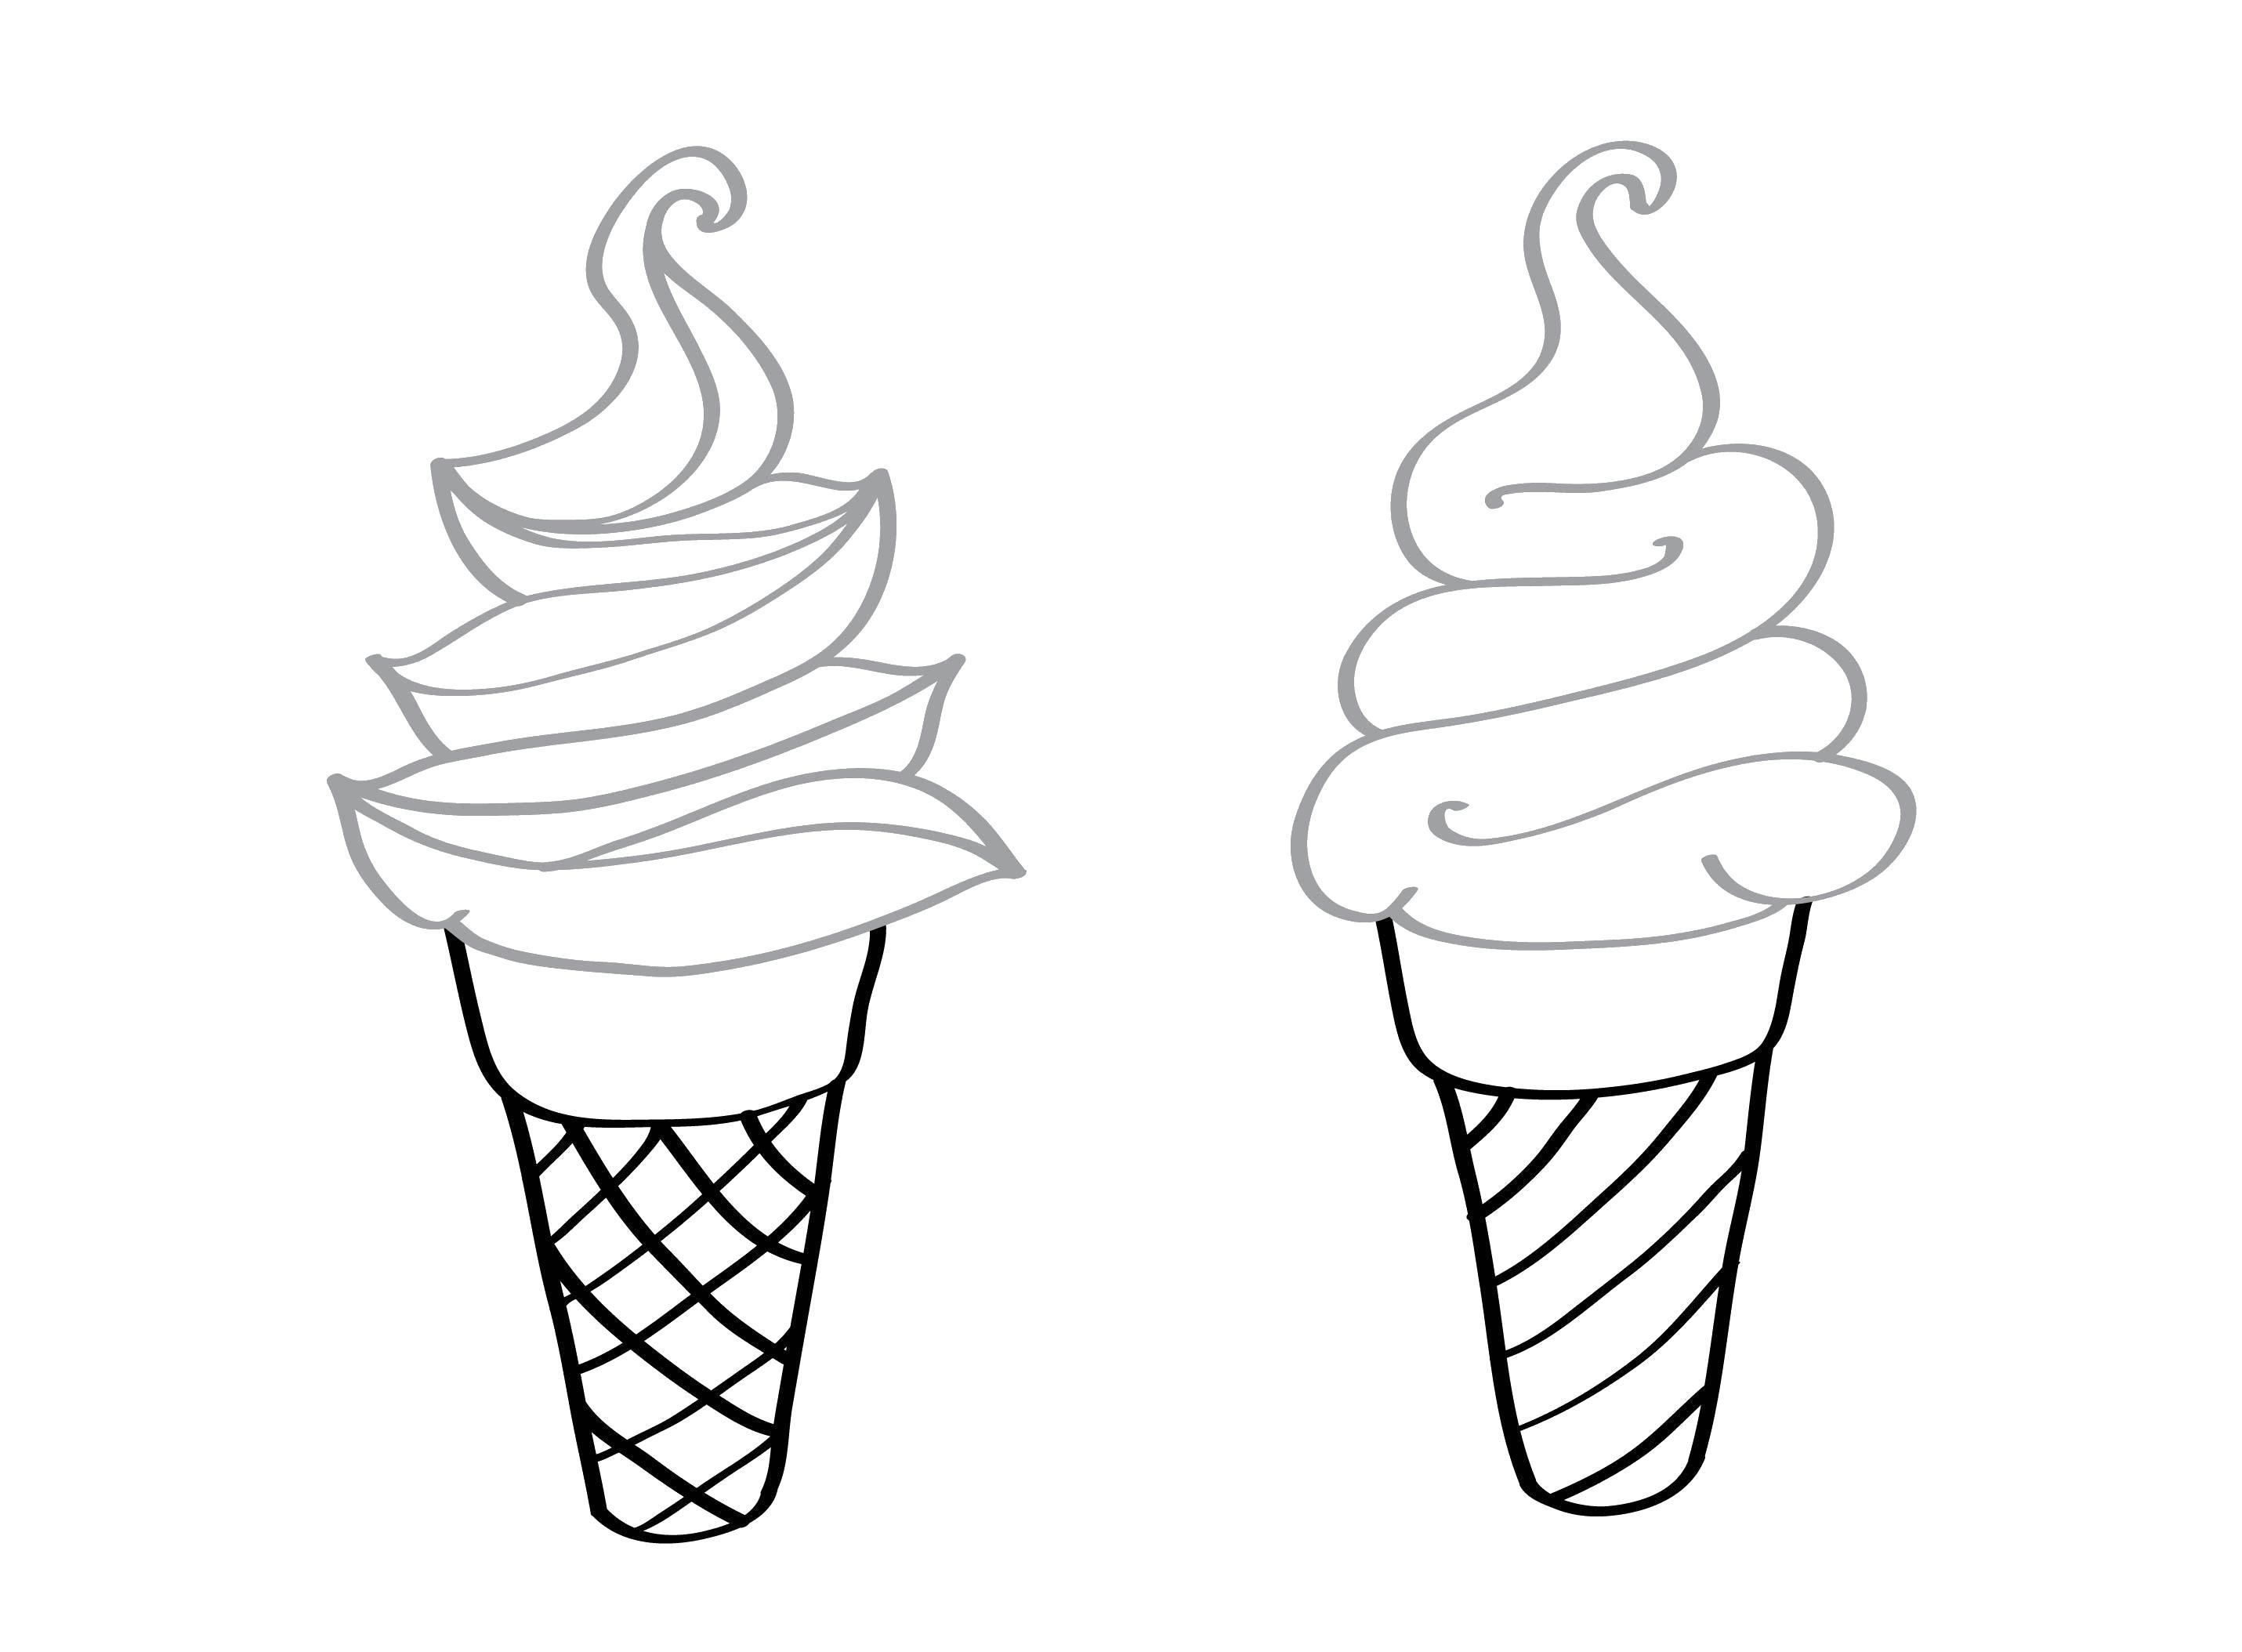 Два стакана мороженого Раскраска цветок для скачивания